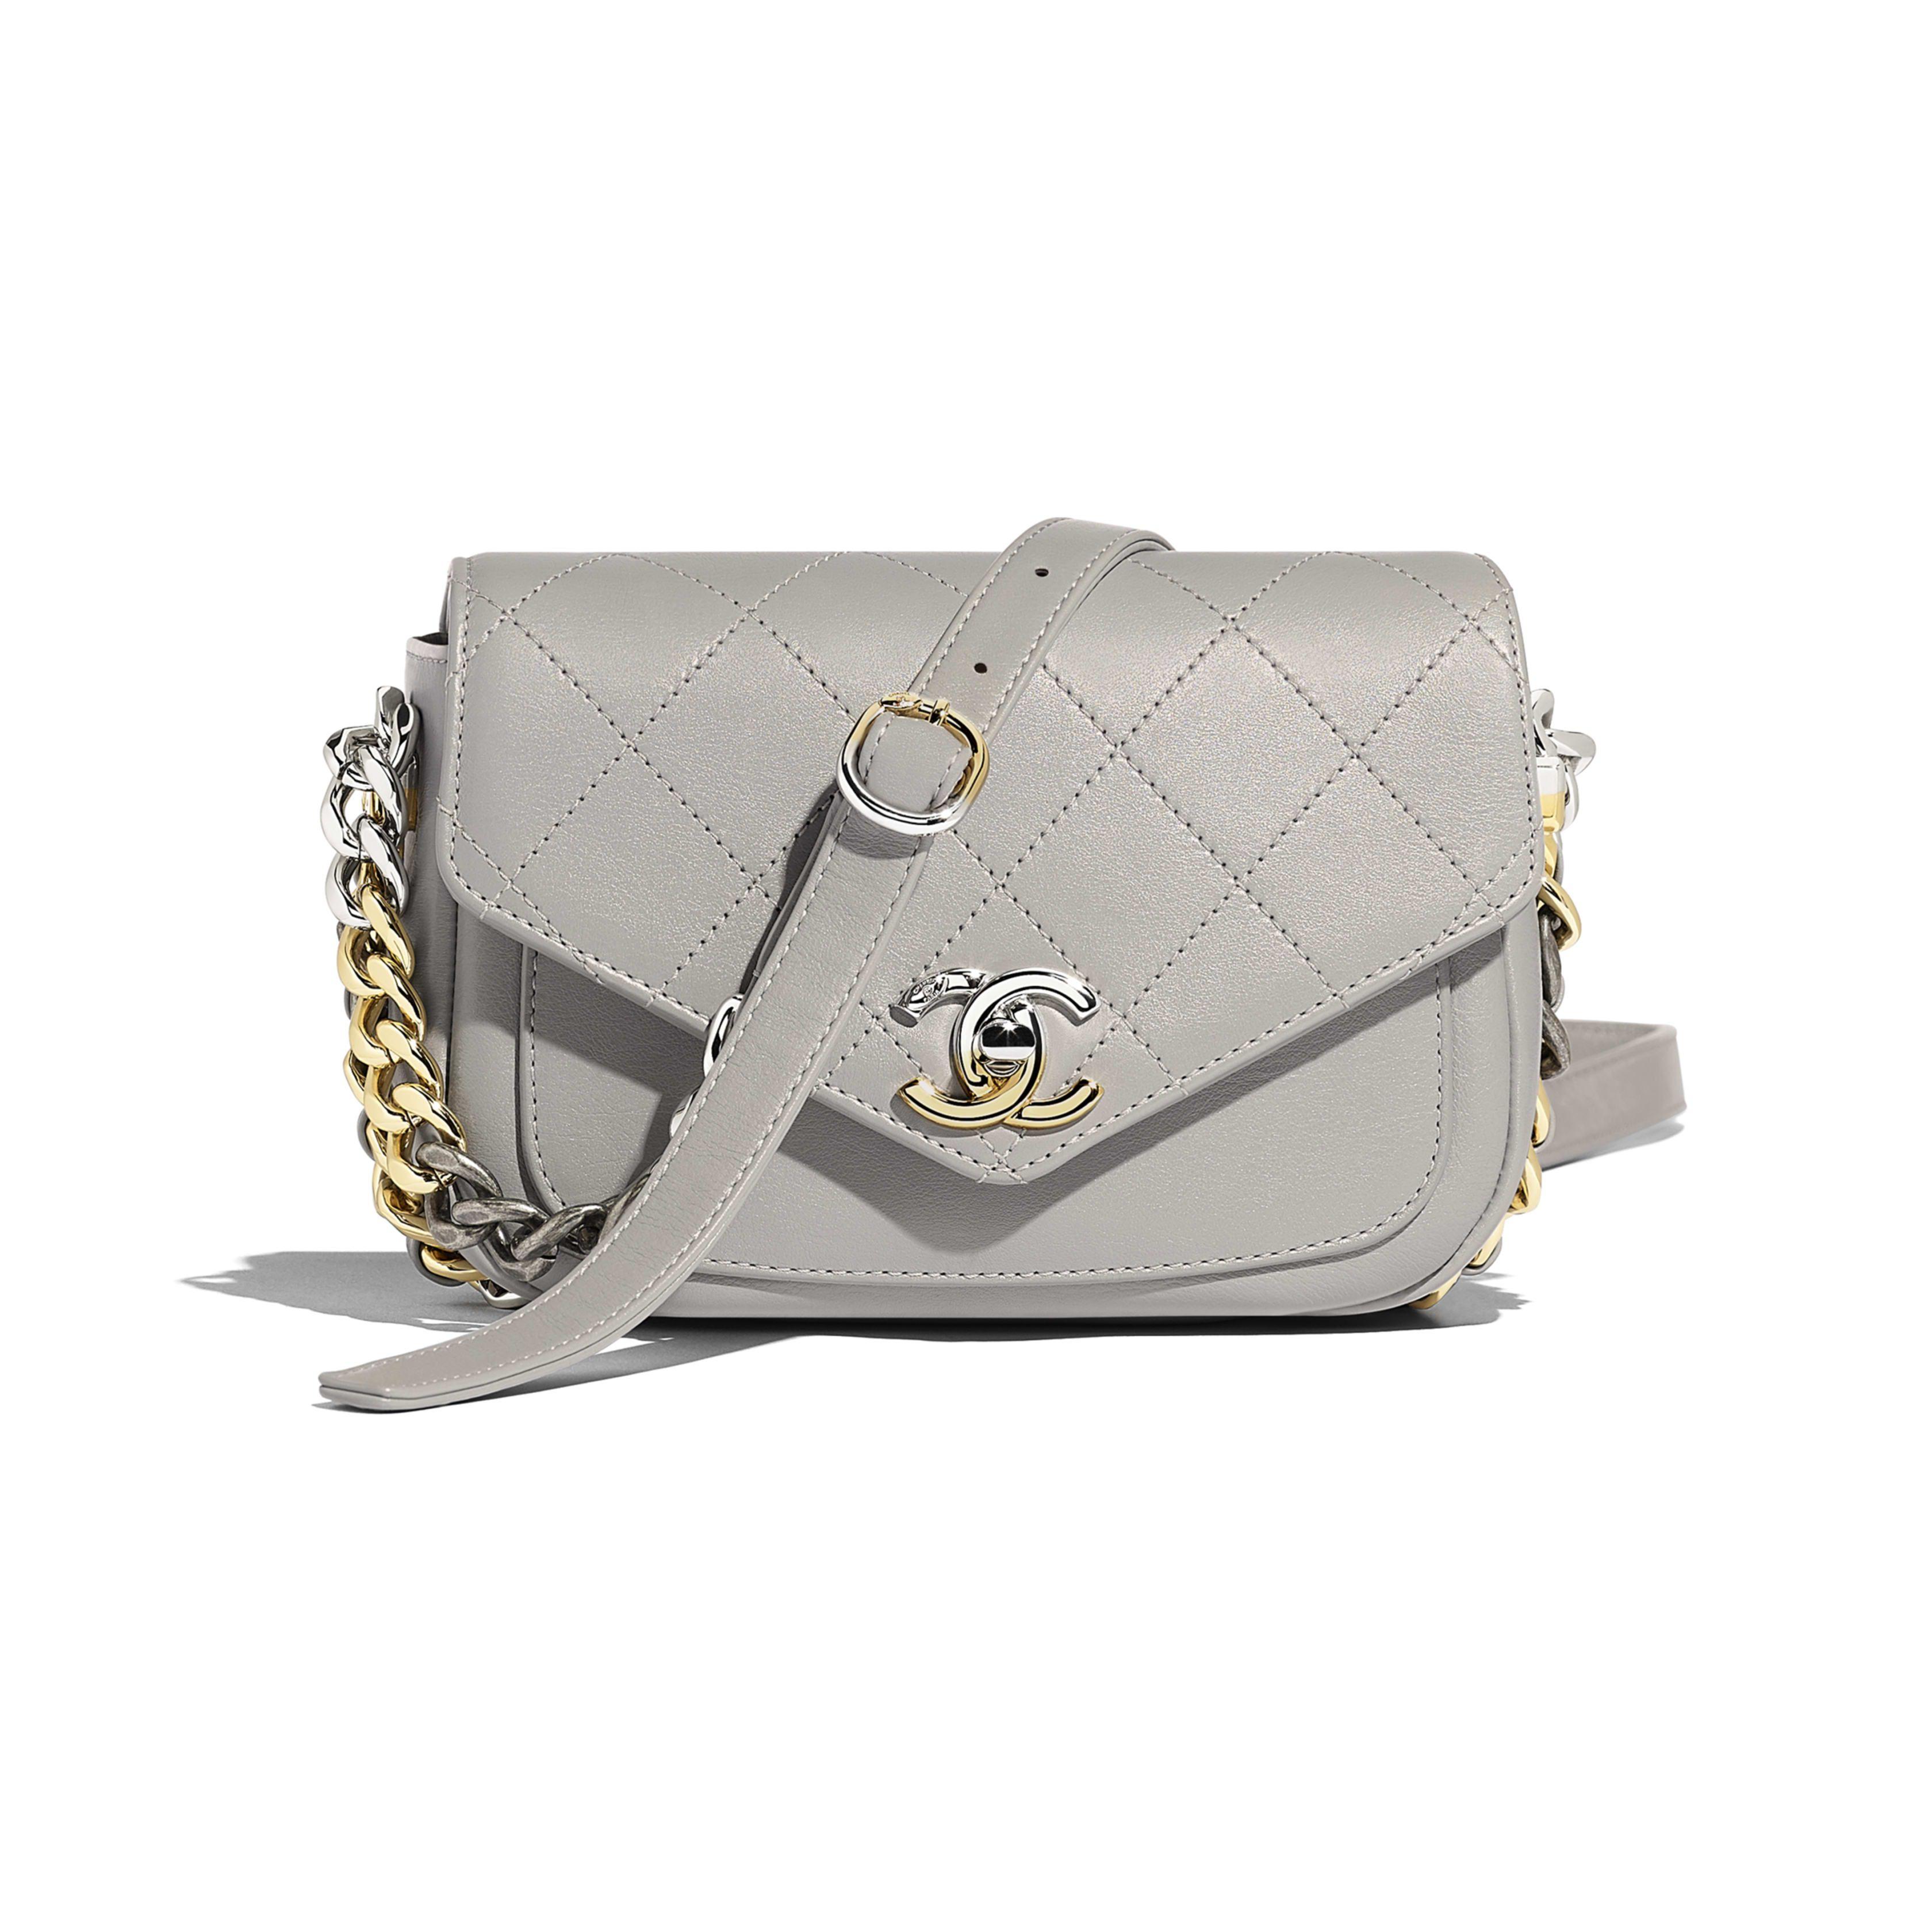 e119f48d7a Flap Bag - Gray - Calfskin